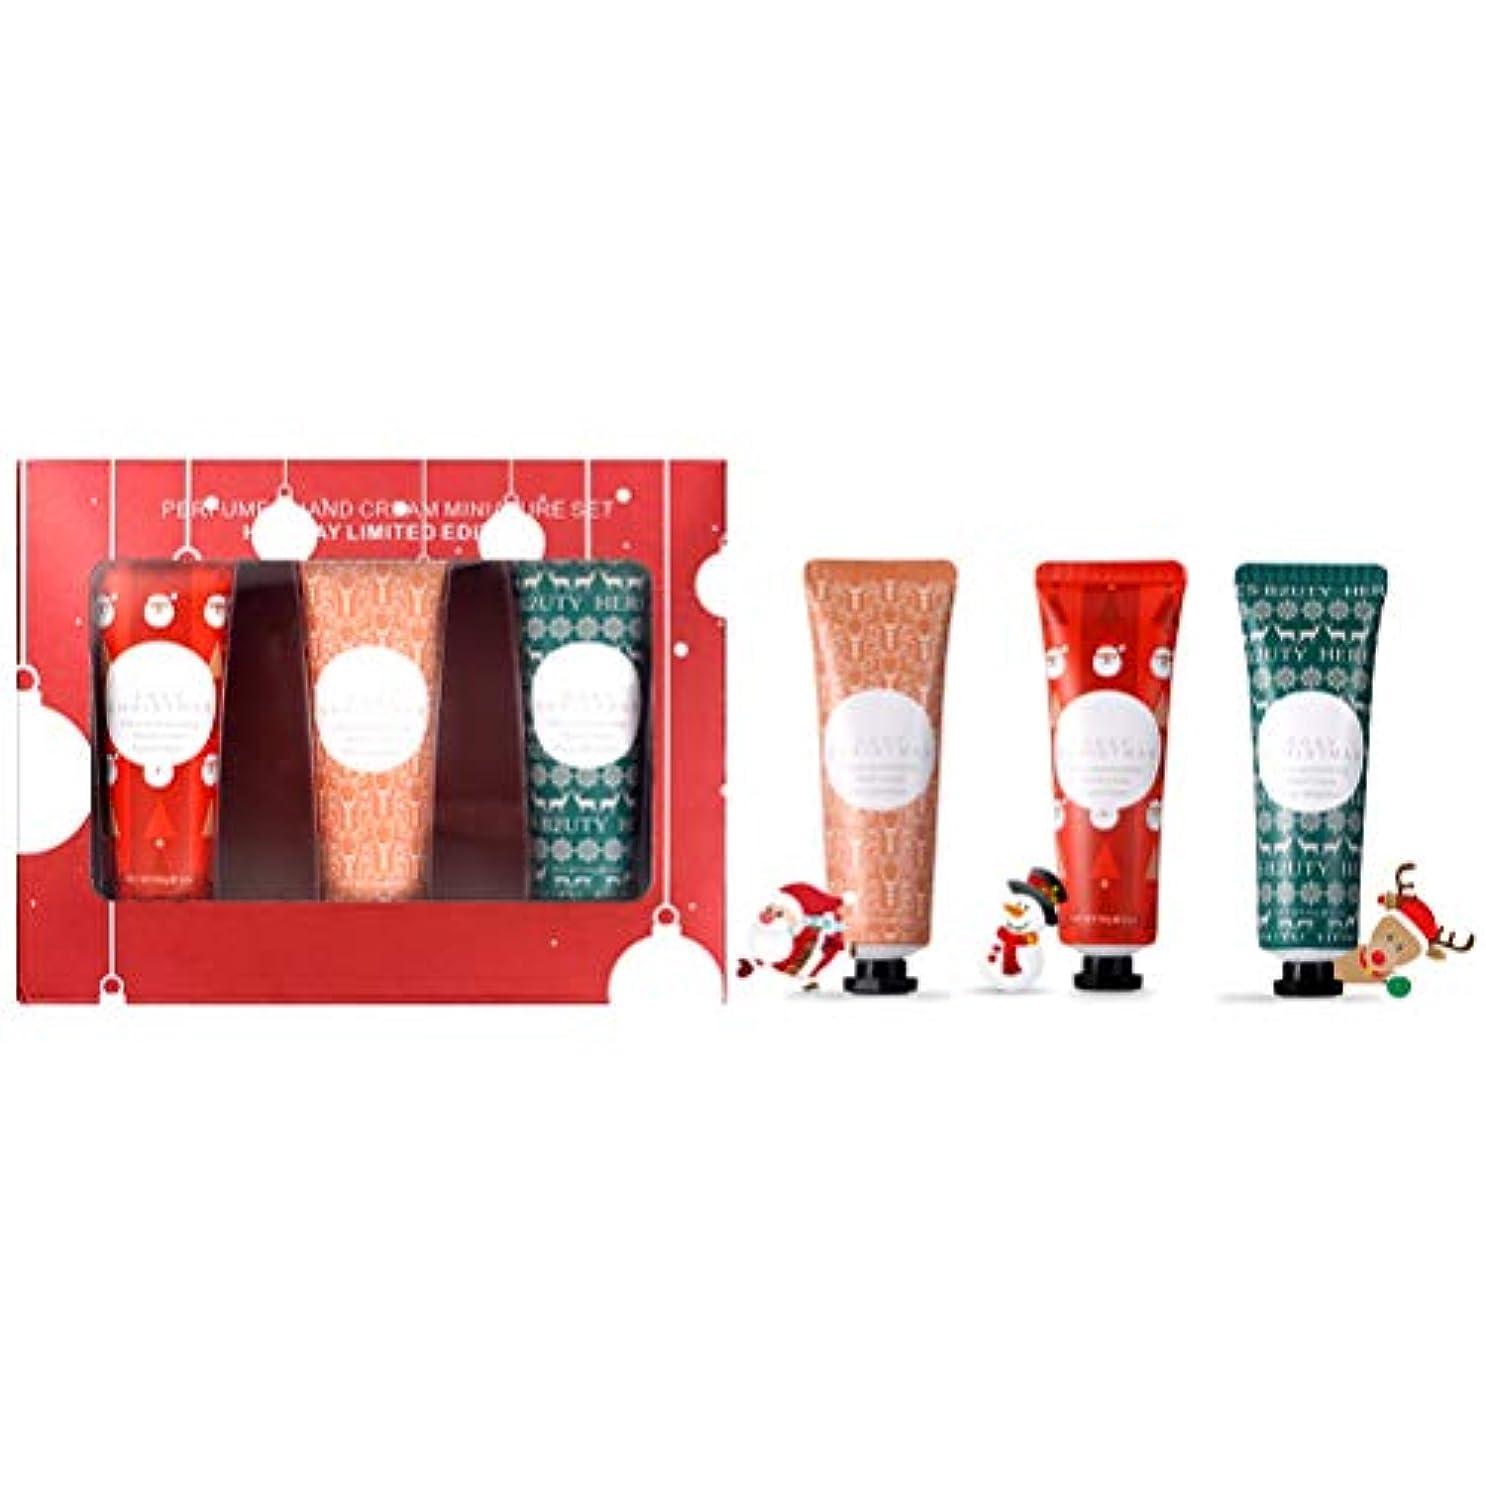 動力学アレルギー性上院議員Blight 3Pcsハンドクリーム 保湿ハンドクリーム ハンドケア クリスマスハンドクリーム クリスマスプレゼント